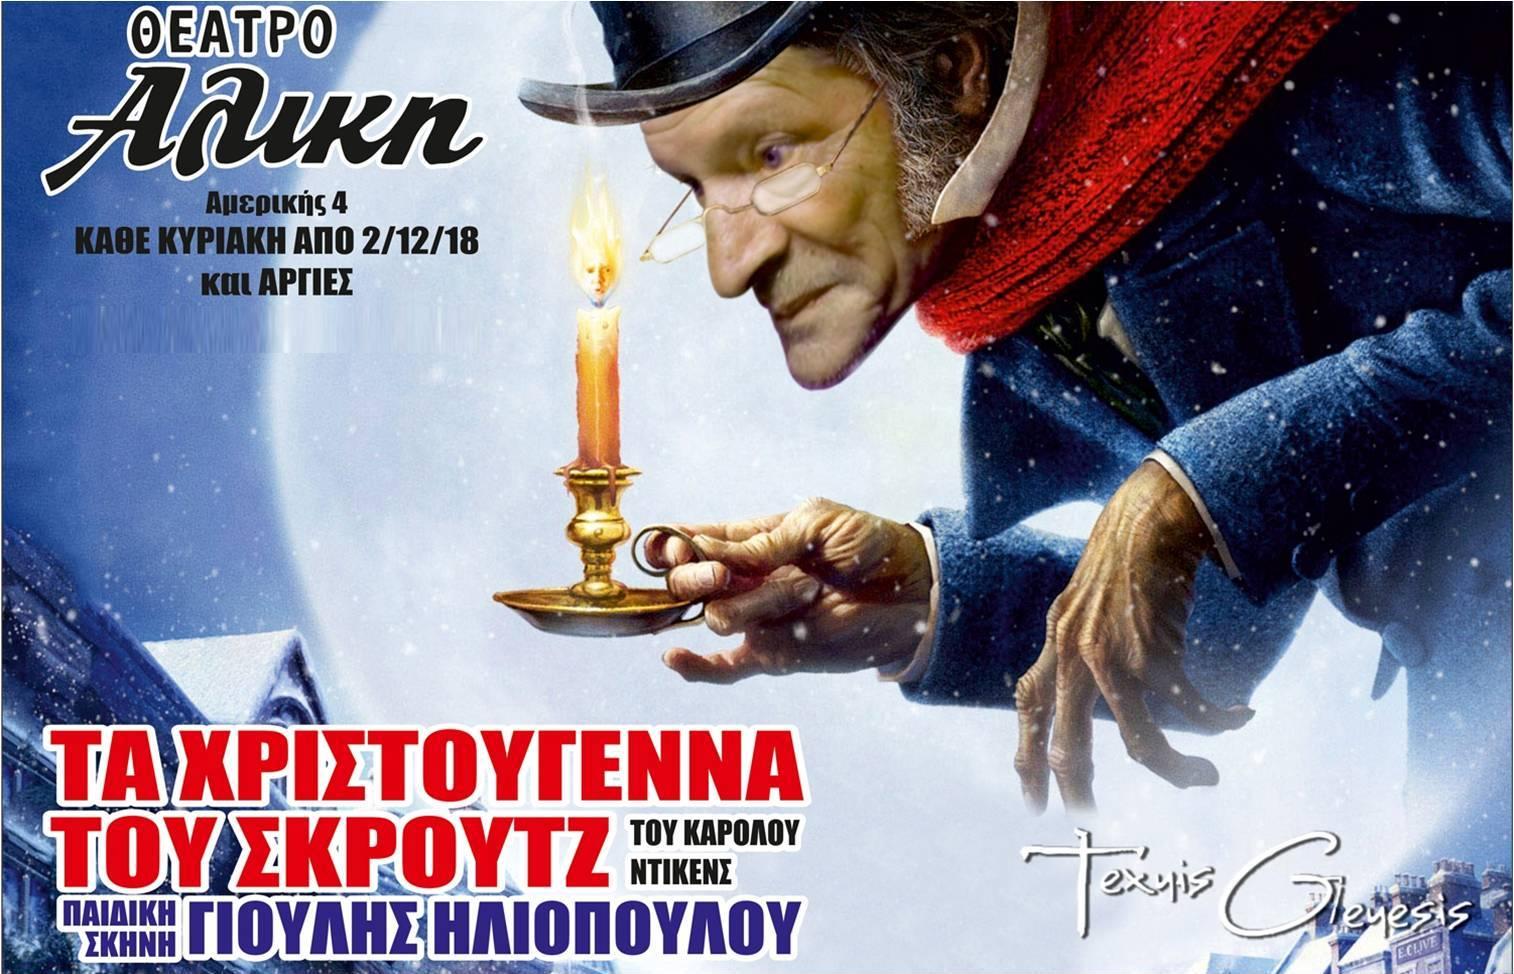 8€ από 14€ για είσοδο 1 ατόμου στην βραβευμένη παράσταση ''Τα Χριστούγεννα του Σκρούτζ'', για 3η χρονιά στο Θέατρο Αλίκη. Μια από τις μεγαλύτερες παιδικές θεατρικές παραγωγές της σεζόν με μια μεγάλη ομάδα καταξιωμένων ηθοποιών που ντύνονται τους 15 ρόλους με παραμυθένια κοστούμια σ' ένα μαγικό σκηνικό!!!